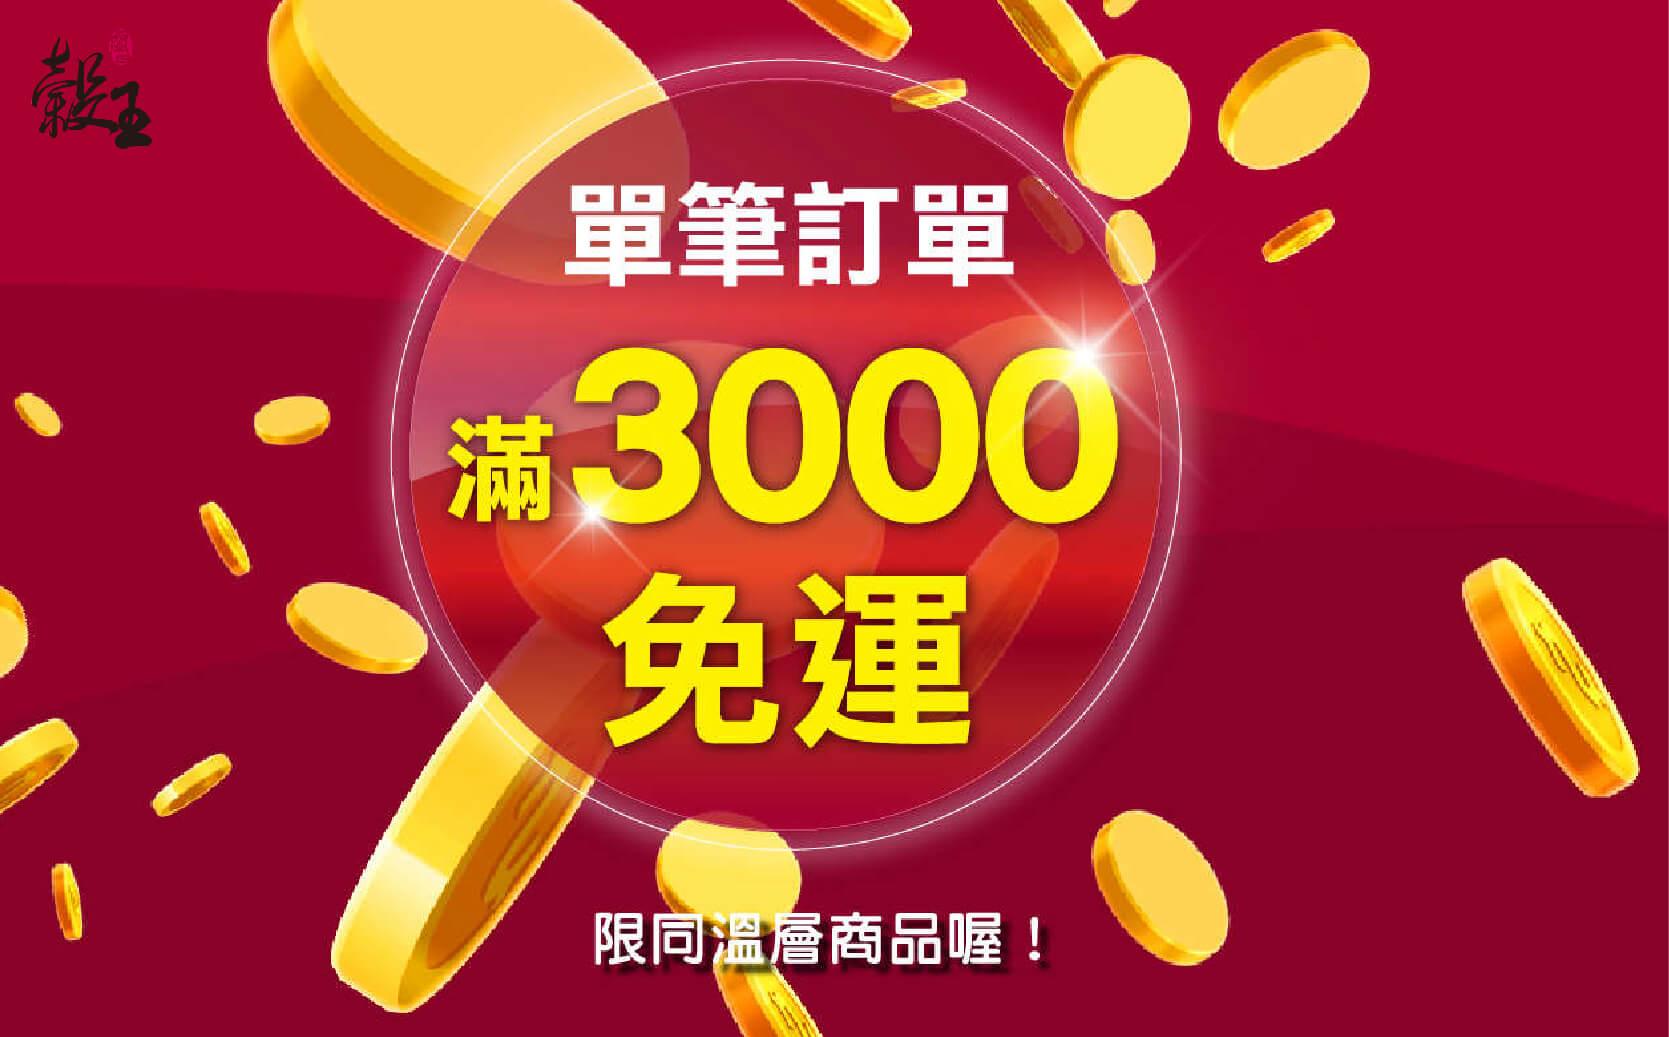 蘭田穀王烘焙坊官網單筆訂單同溫層滿$3000免運優惠實施中